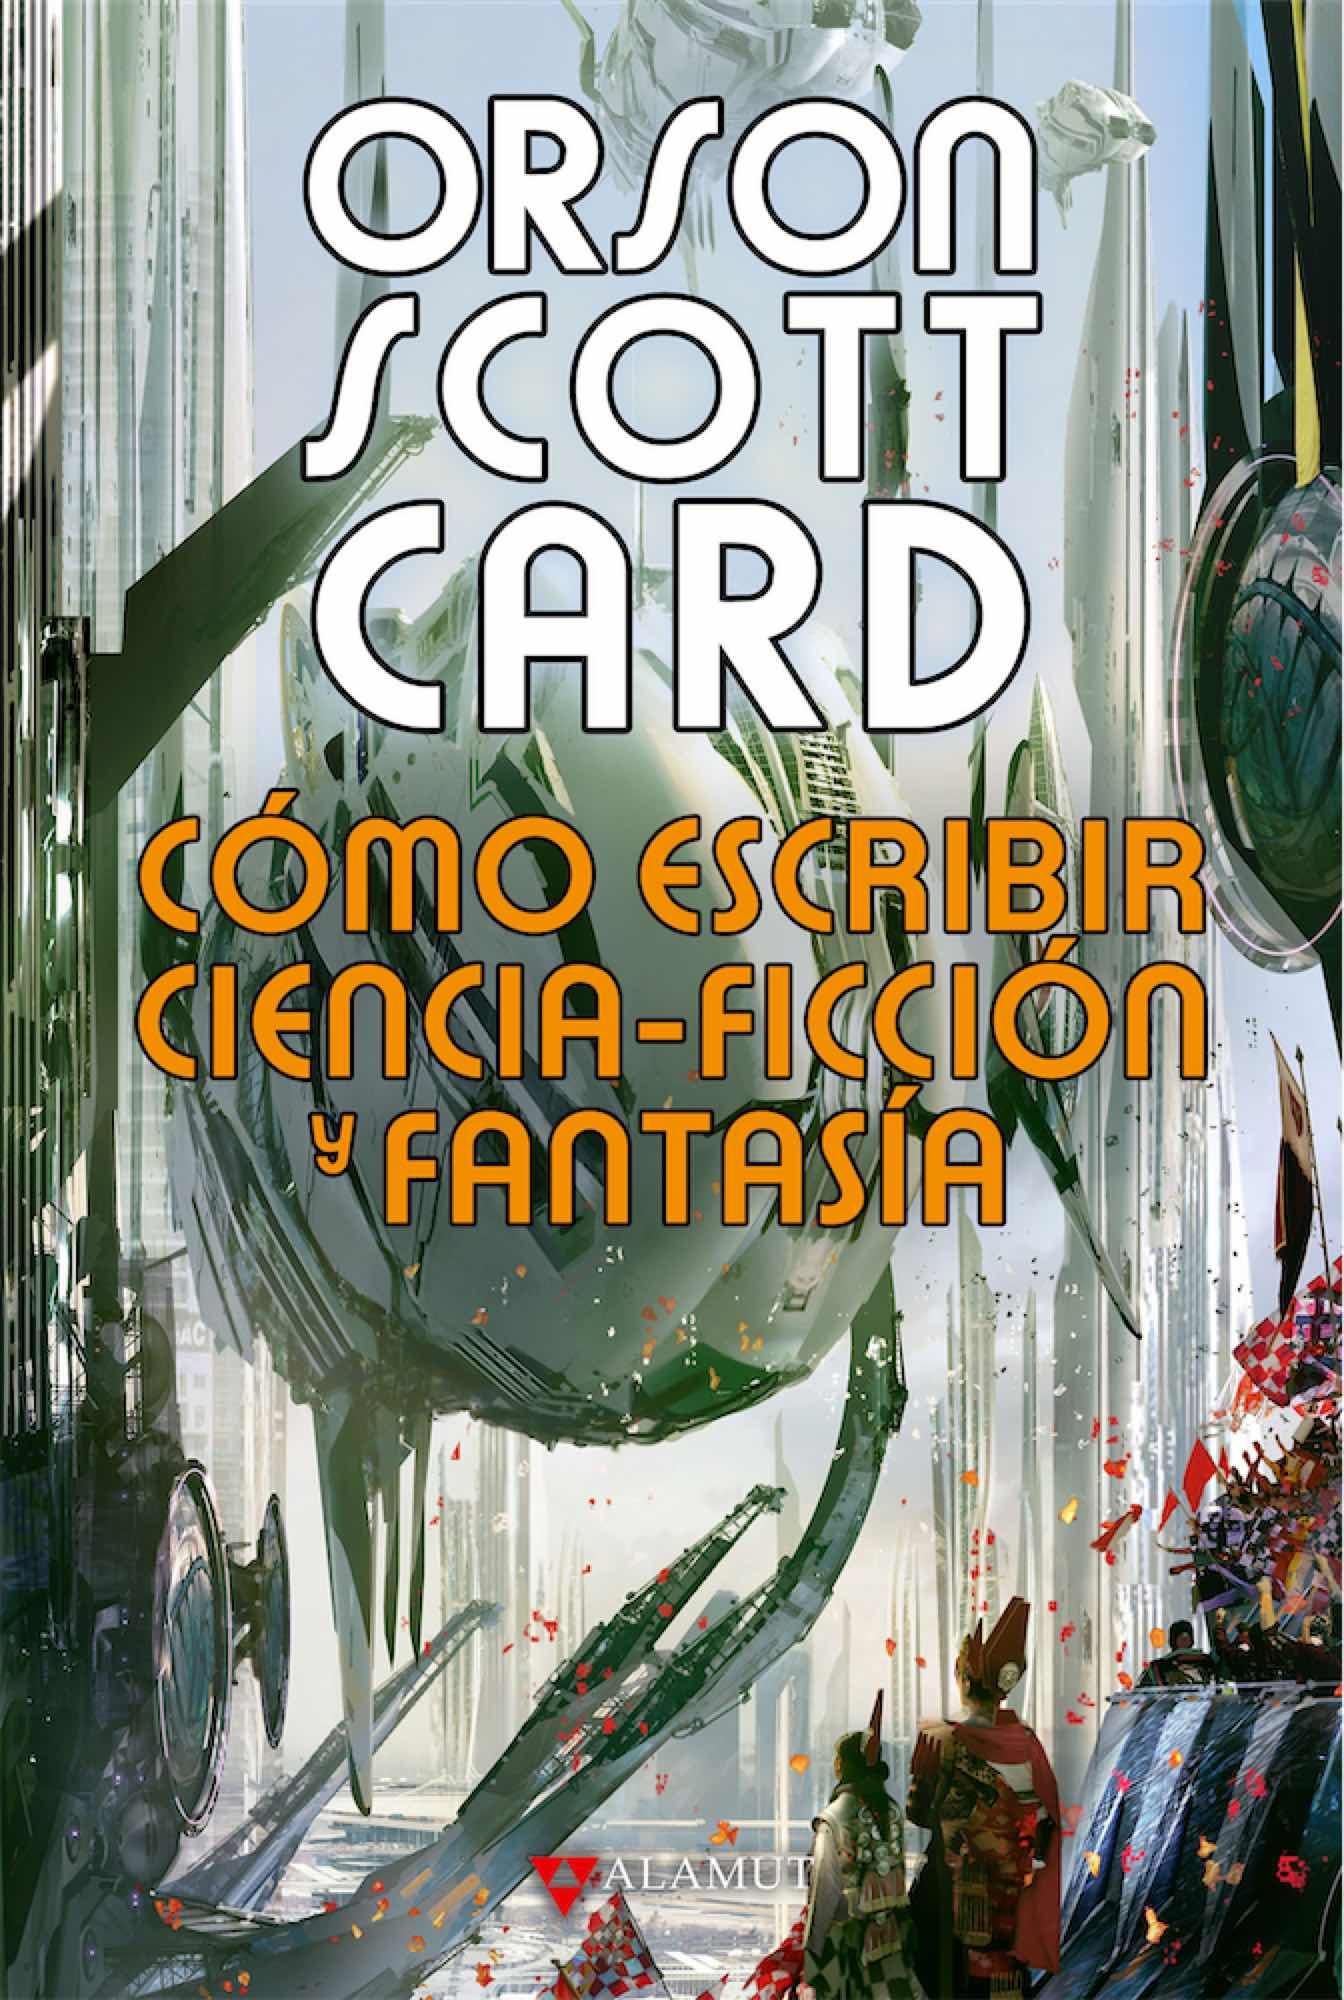 COMO ESCRIBIR CIENCIA-FICCION Y FANTASIA (CARTONE)